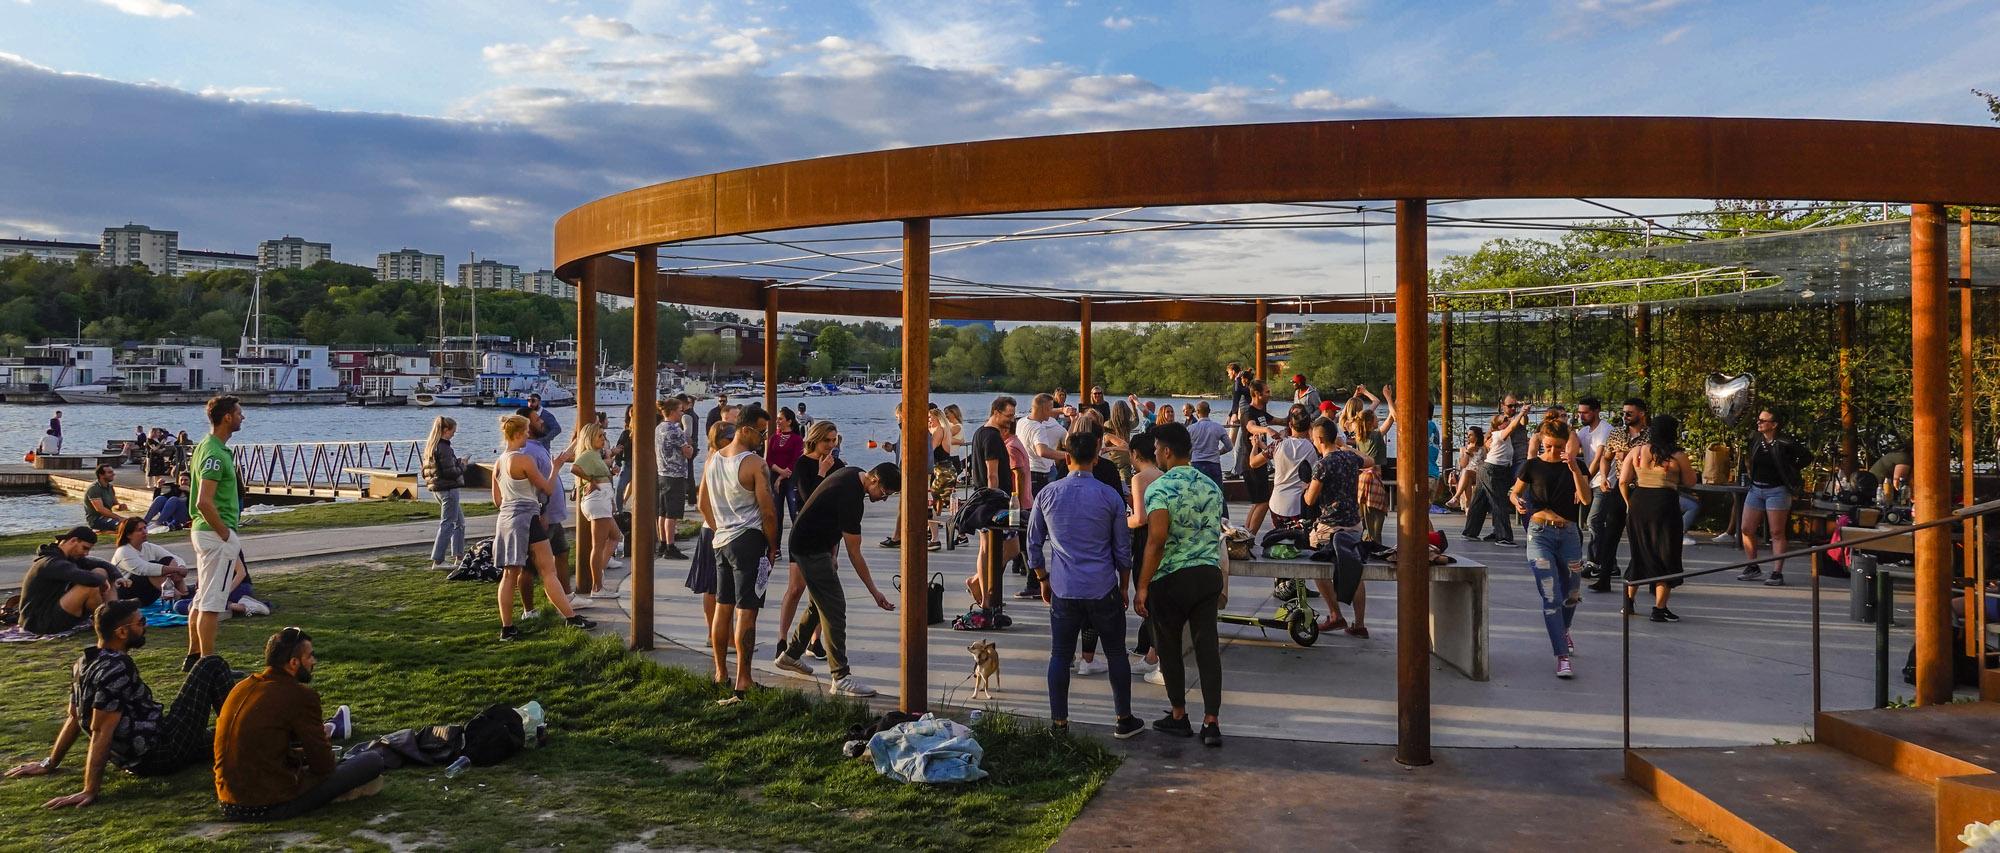 Стокгольм, Швеция, май 2020 года. Танцевальная вечеринка вразгар пандемии нового коронавируса.